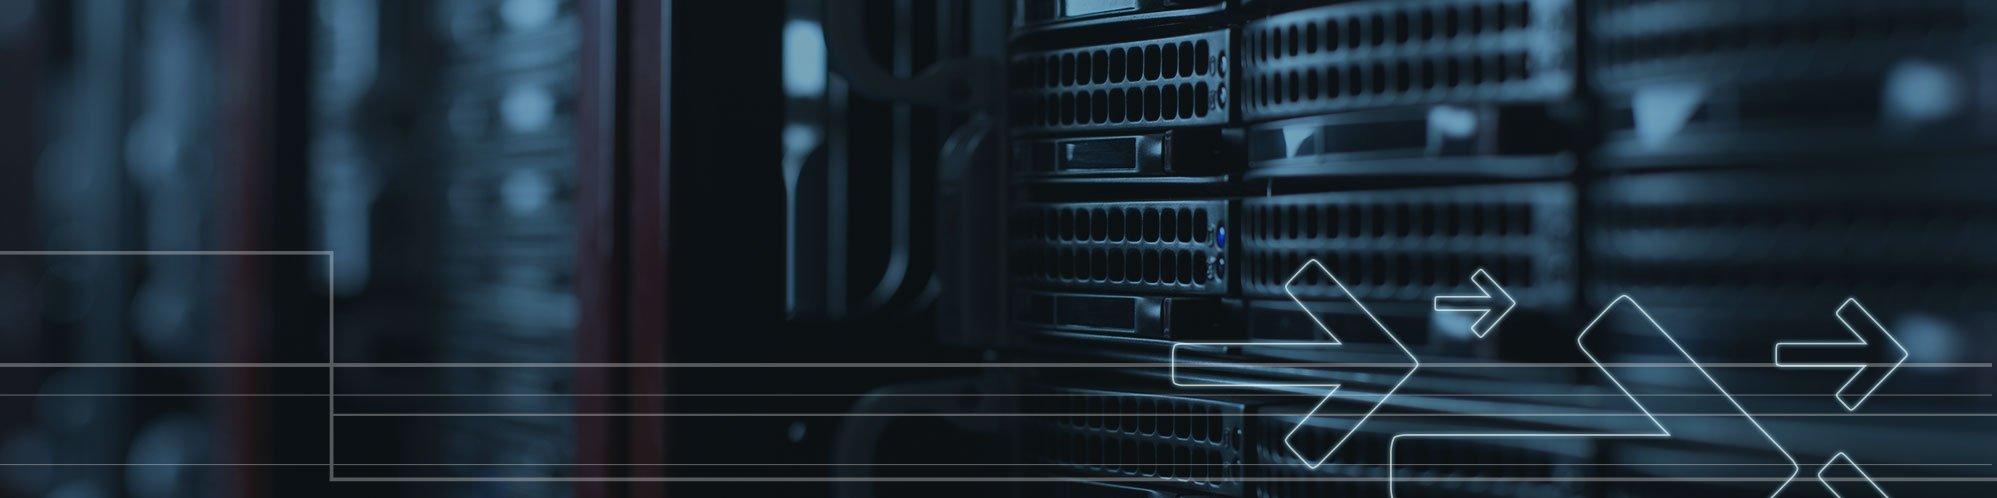 Indata iPM Cloud Technology